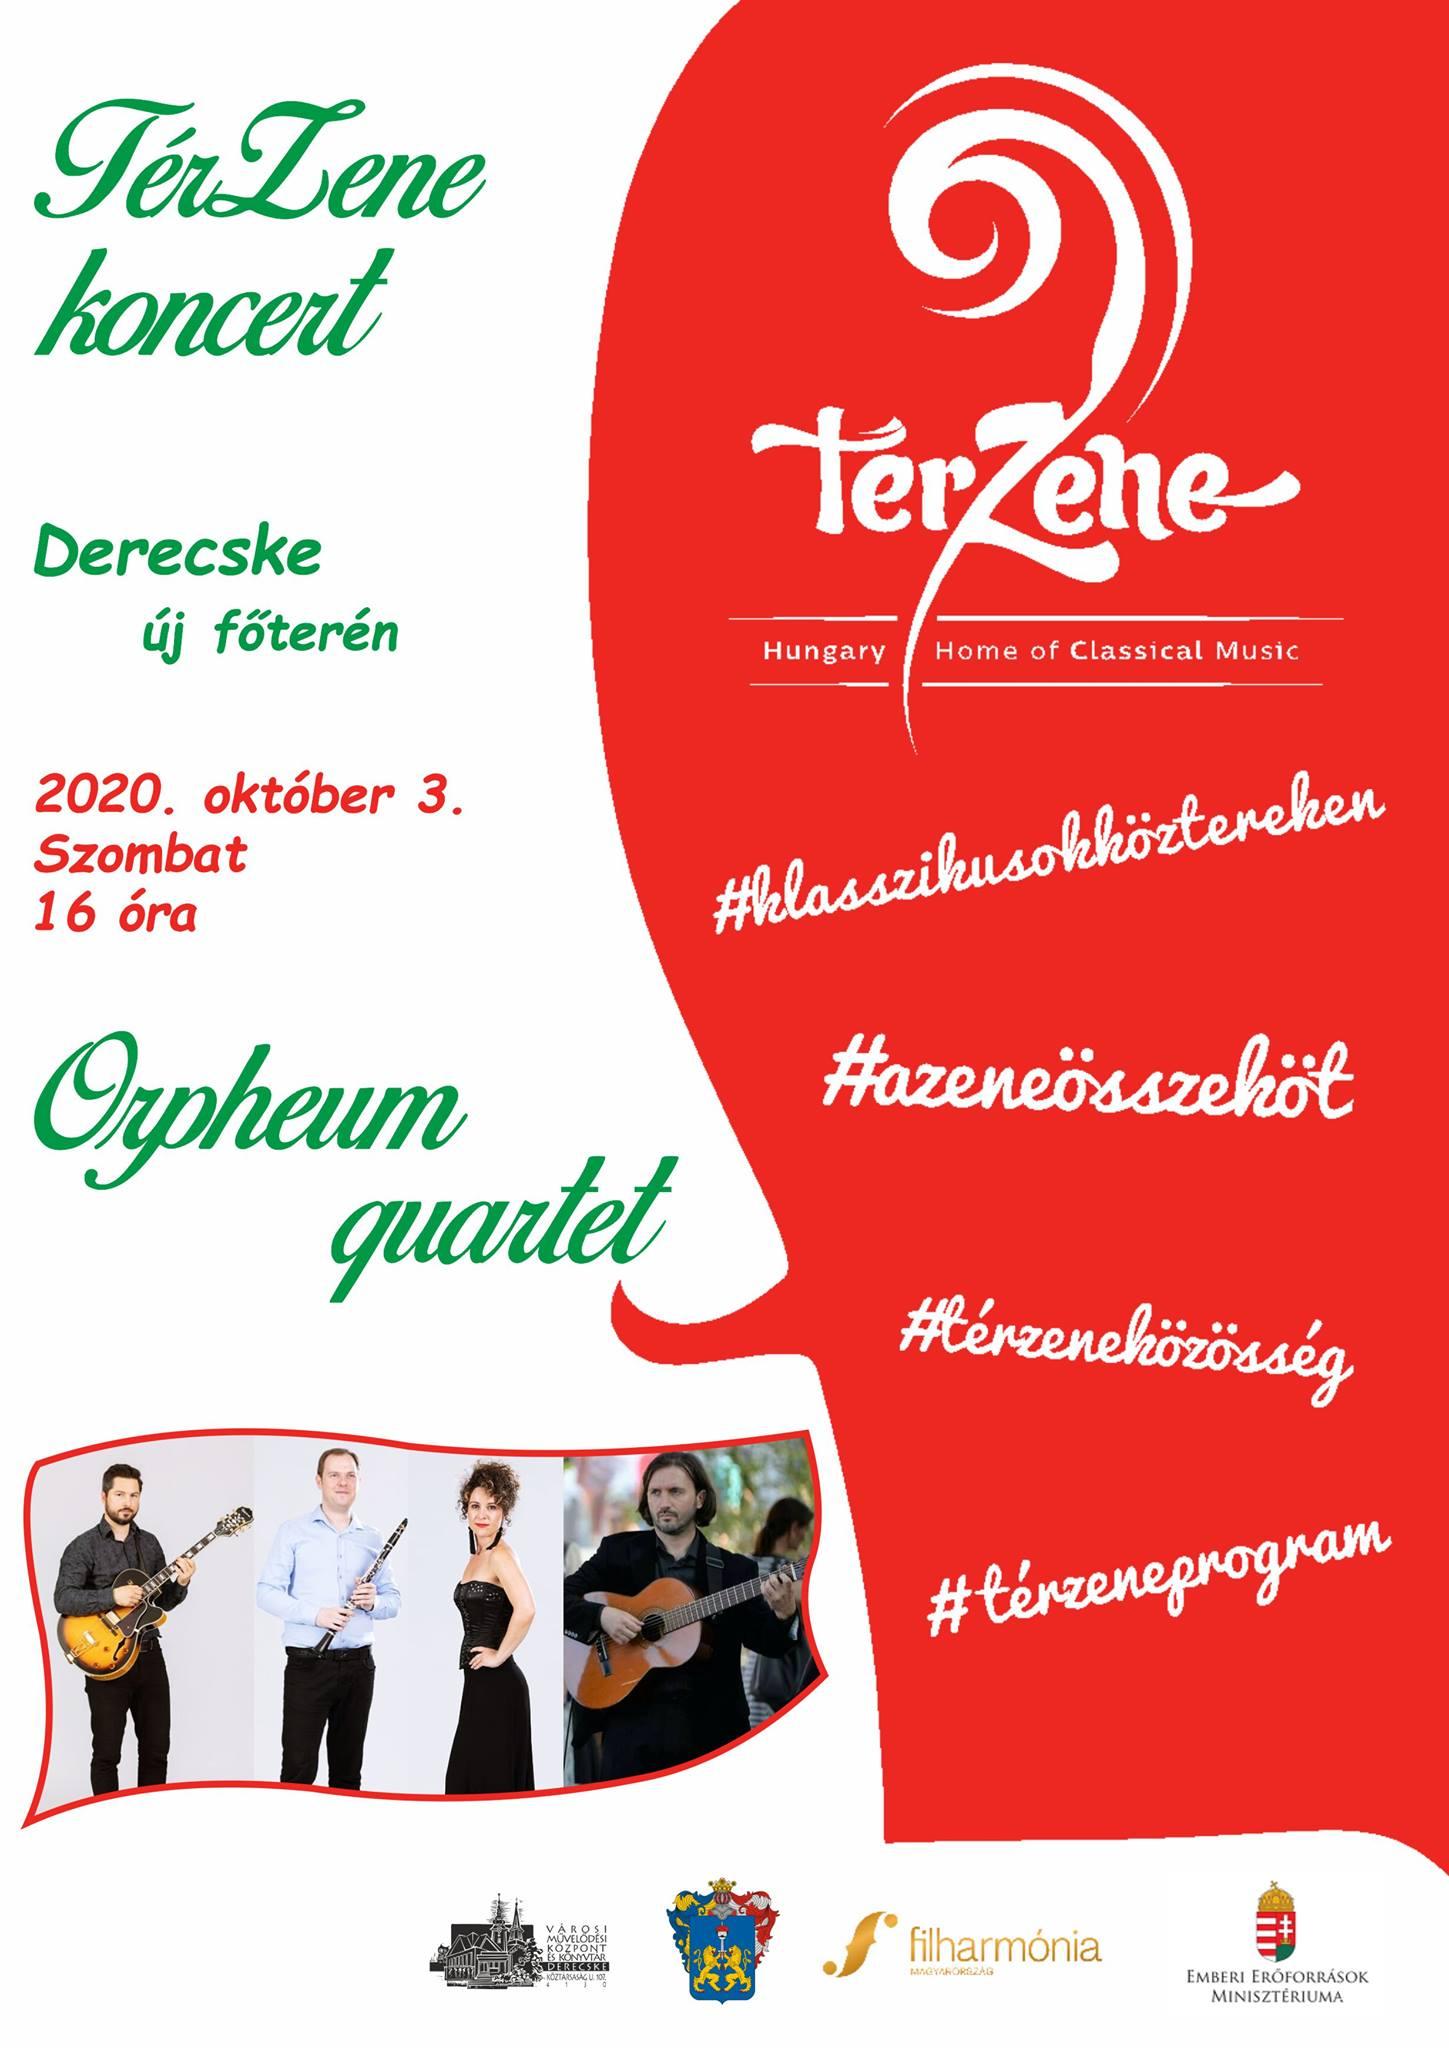 Térzene koncert 2020. október 3.